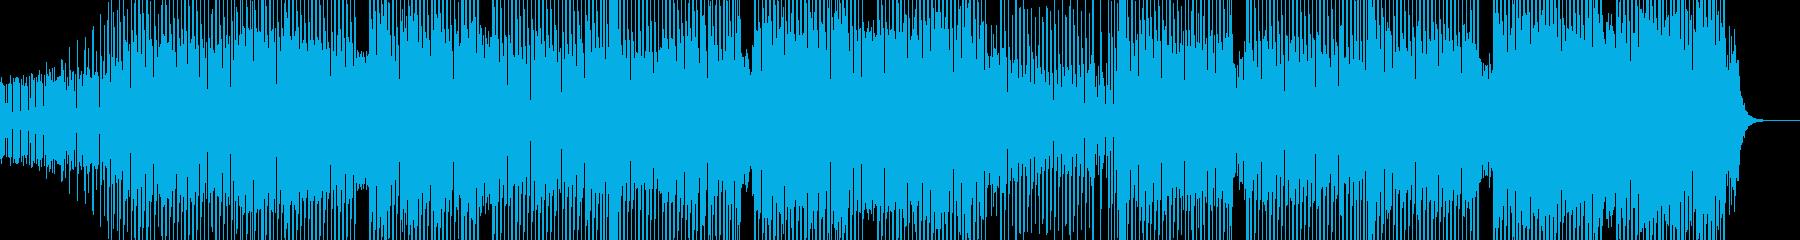 科学・浮遊感漂うテクノ 裏拍リズム Bの再生済みの波形